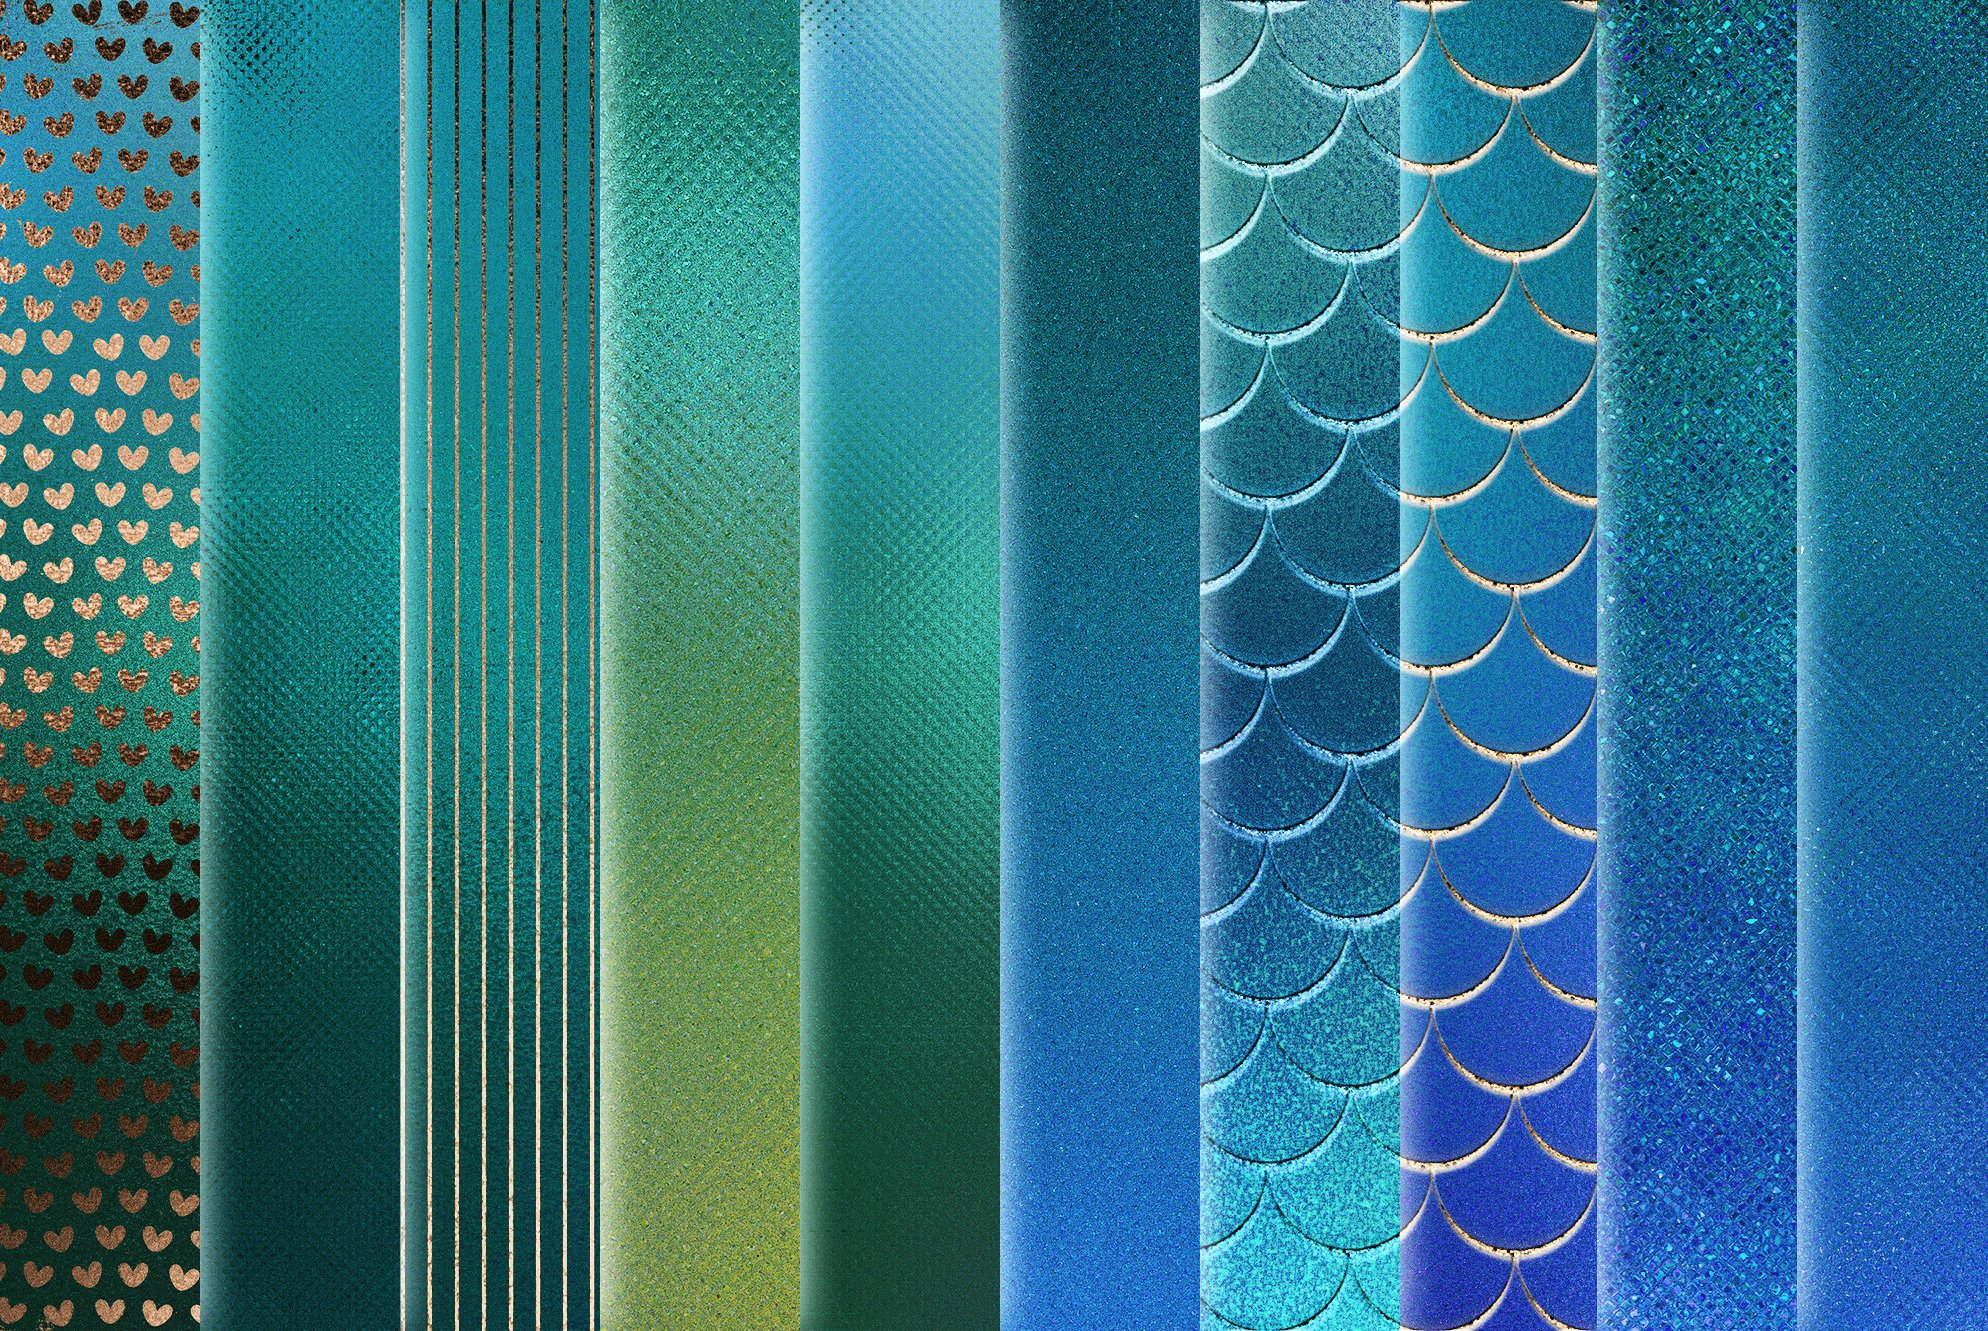 20款蓝绿色虹彩金箔纸纹理海报设计背景图片素材 Iridescent Gold Foil Textures插图3